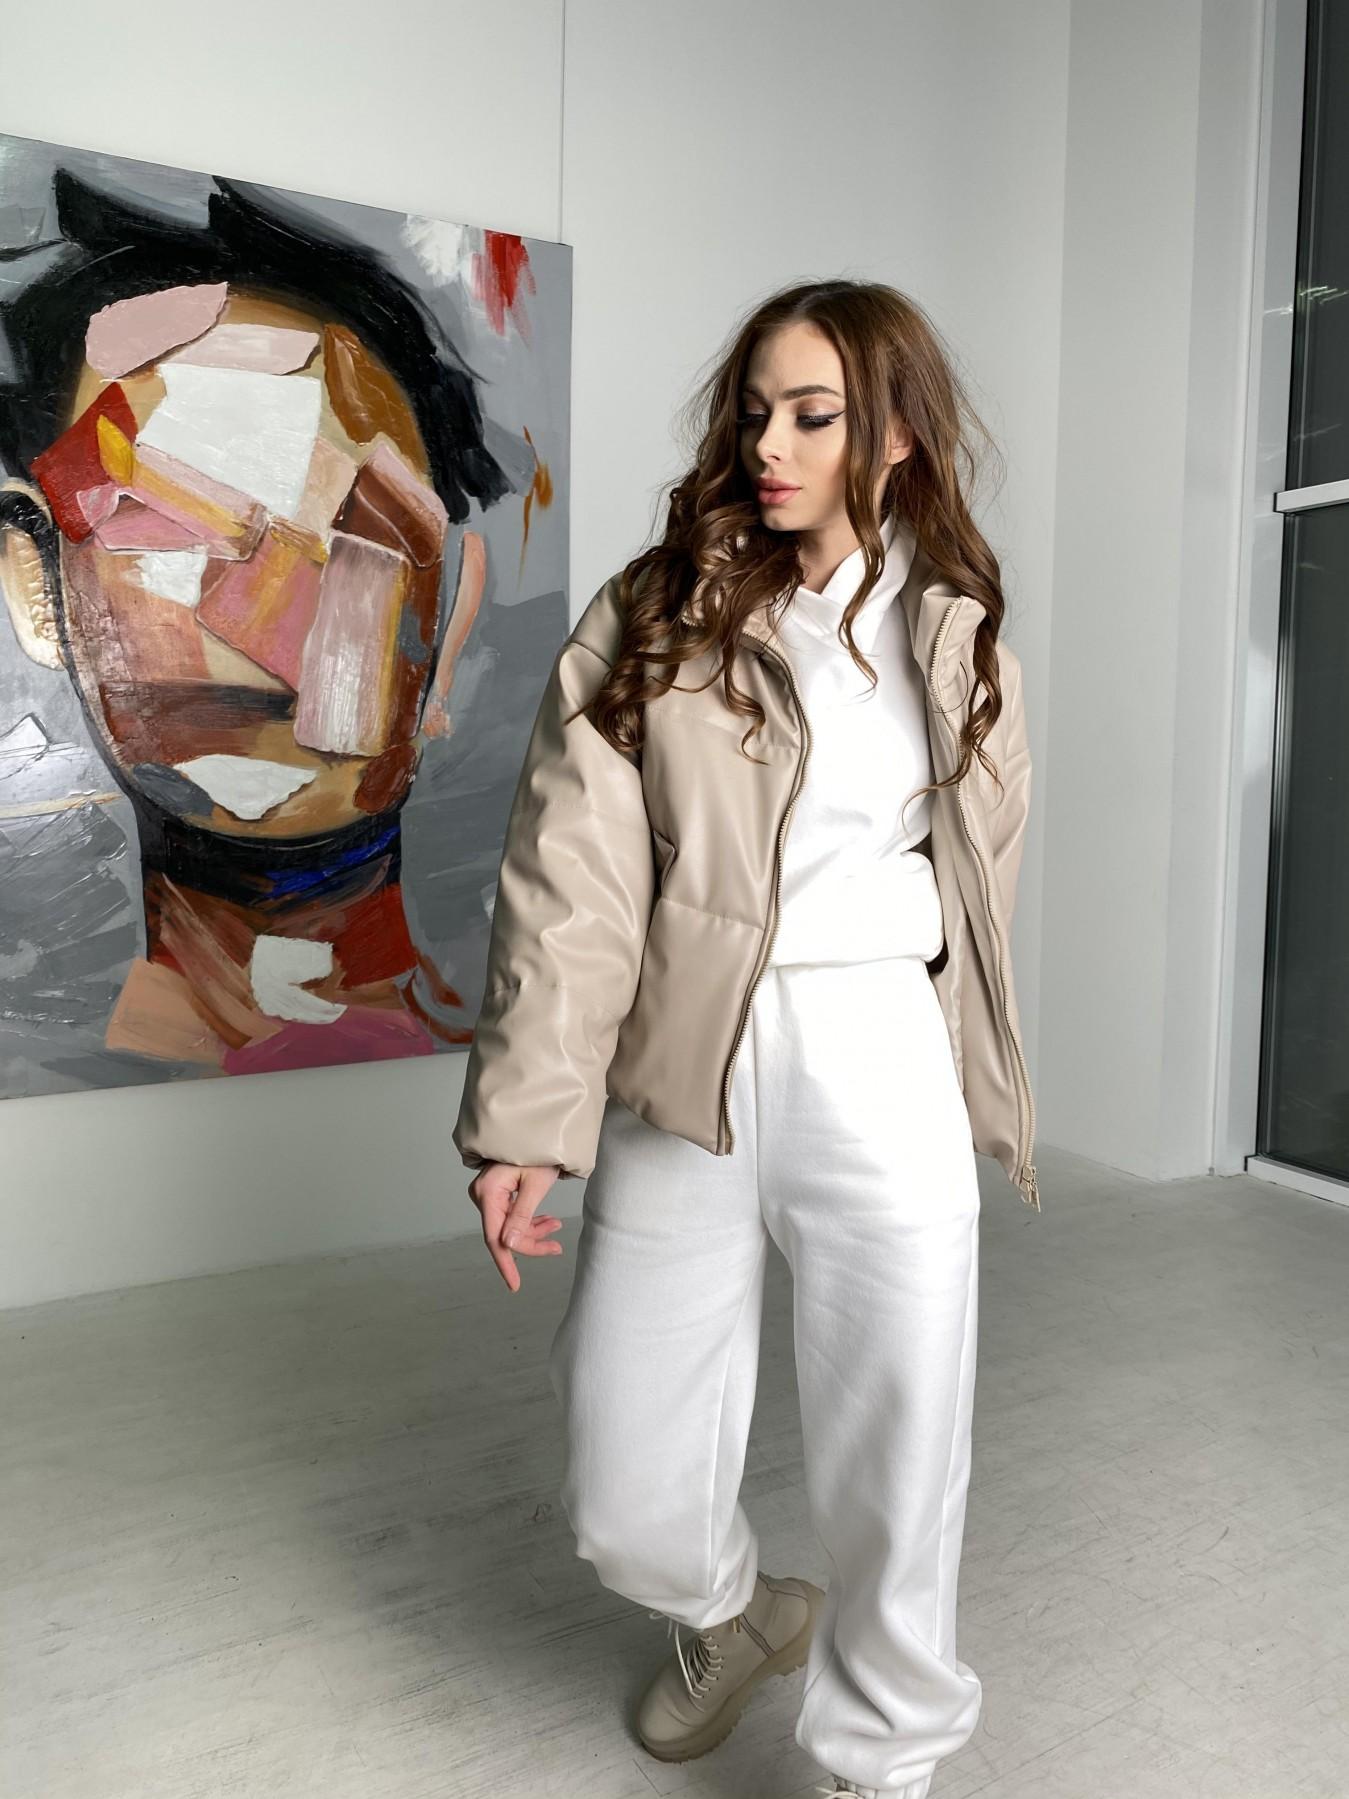 Драйв куртка из  экокожи  10499 АРТ. 46844 Цвет: Бежевый 2 - фото 4, интернет магазин tm-modus.ru